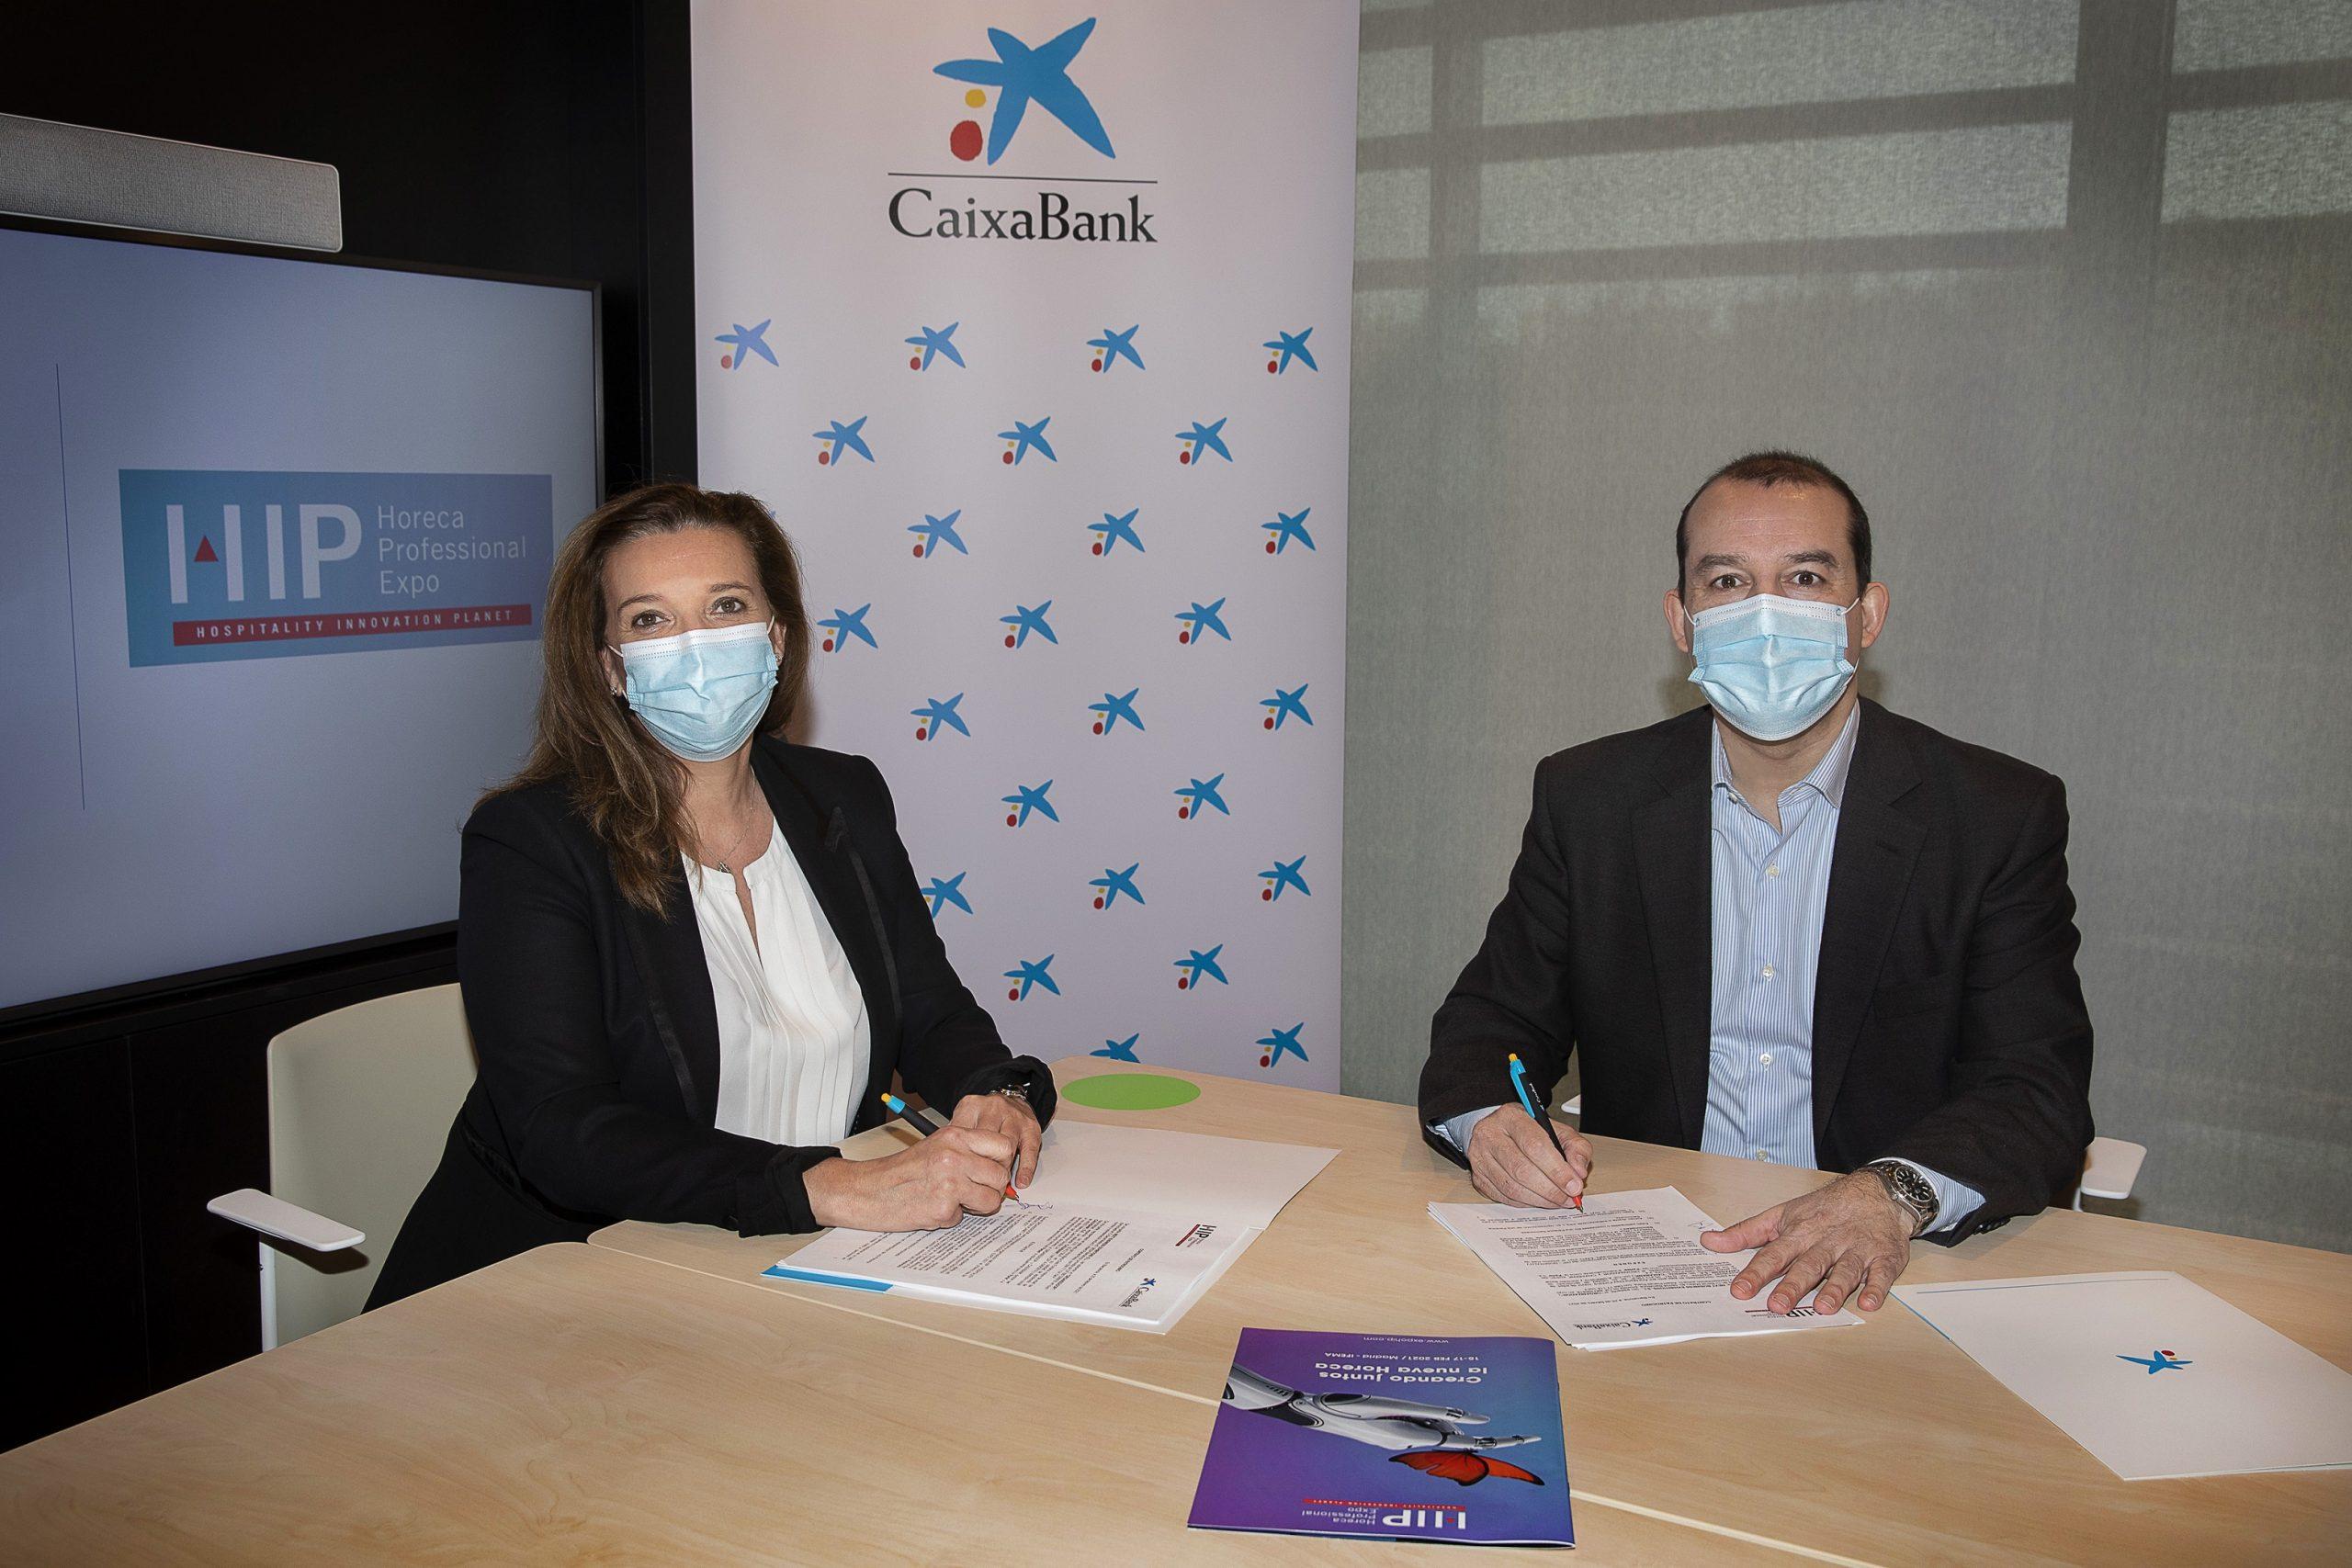 CaixaBank impulsa la innovación y la recuperación del sector hostelero en el HIP – Horeca Professional Expo 2021